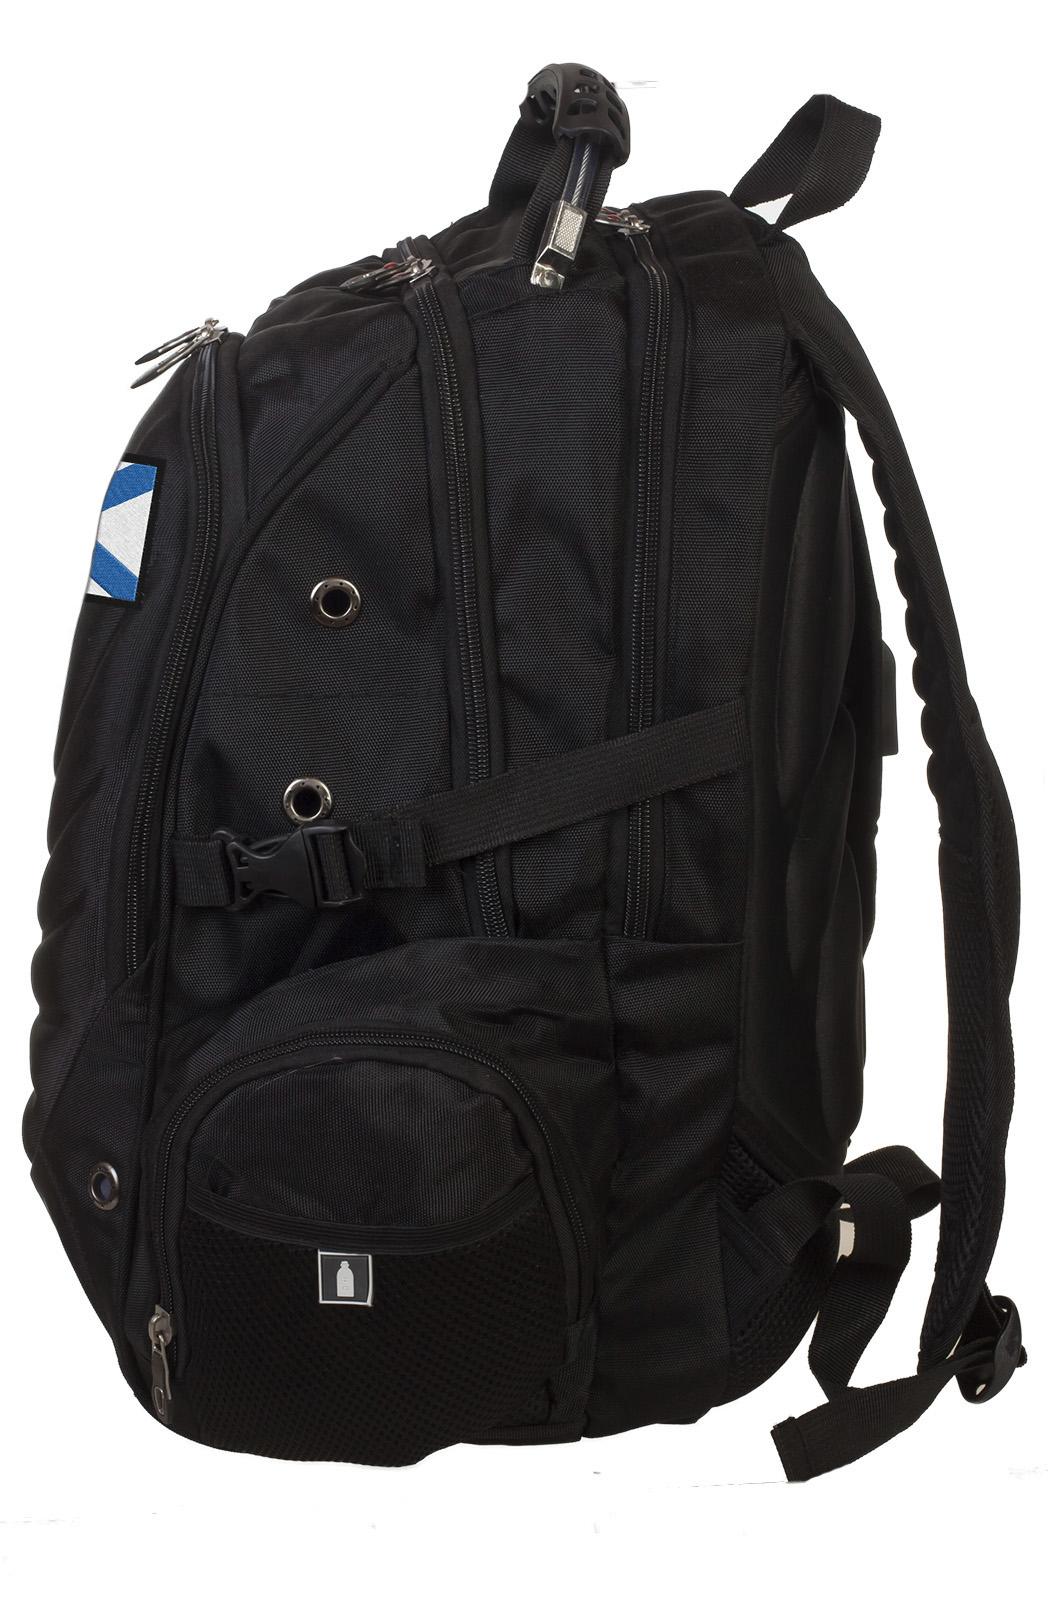 Черный оригинальный рюкзак с нашивкой За ВМФ - заказать онлайн